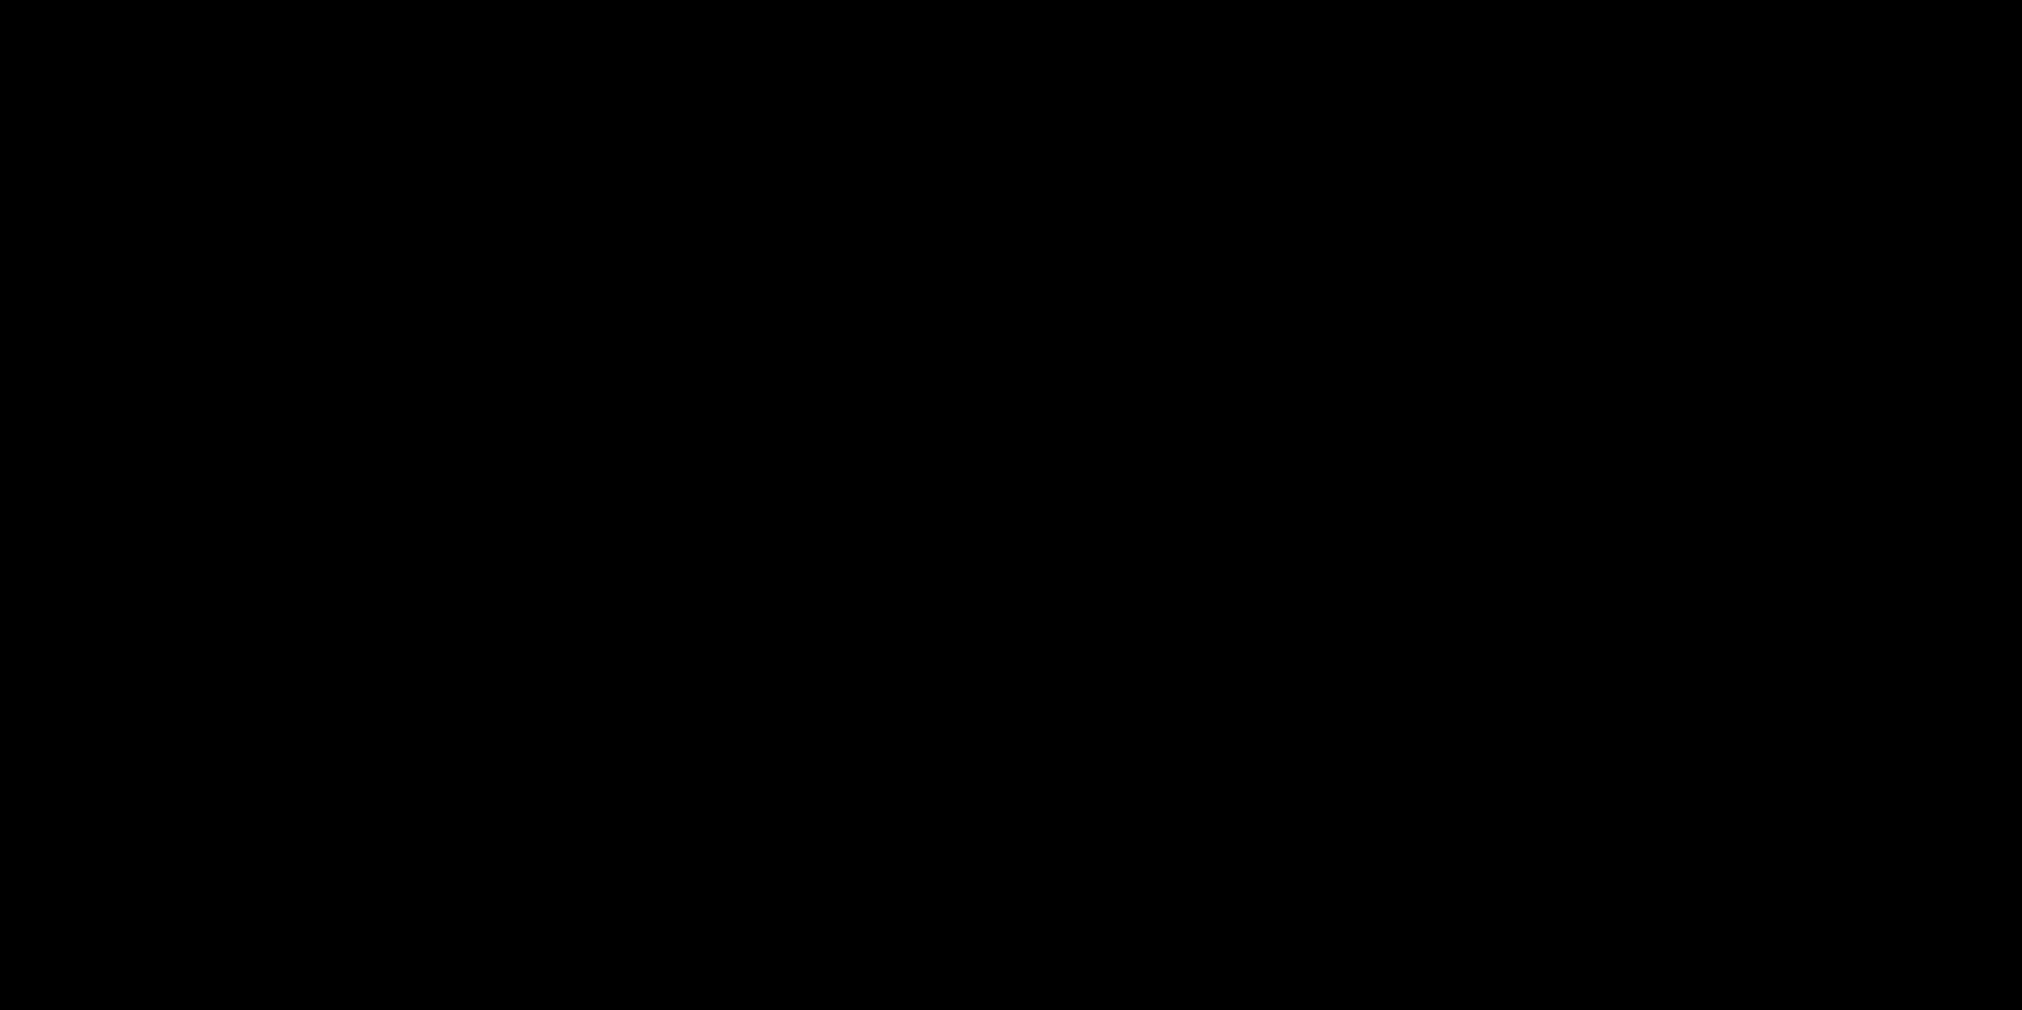 N-(3-Nitrophenylpyrazole)curcumin-d<sub>6</sub>